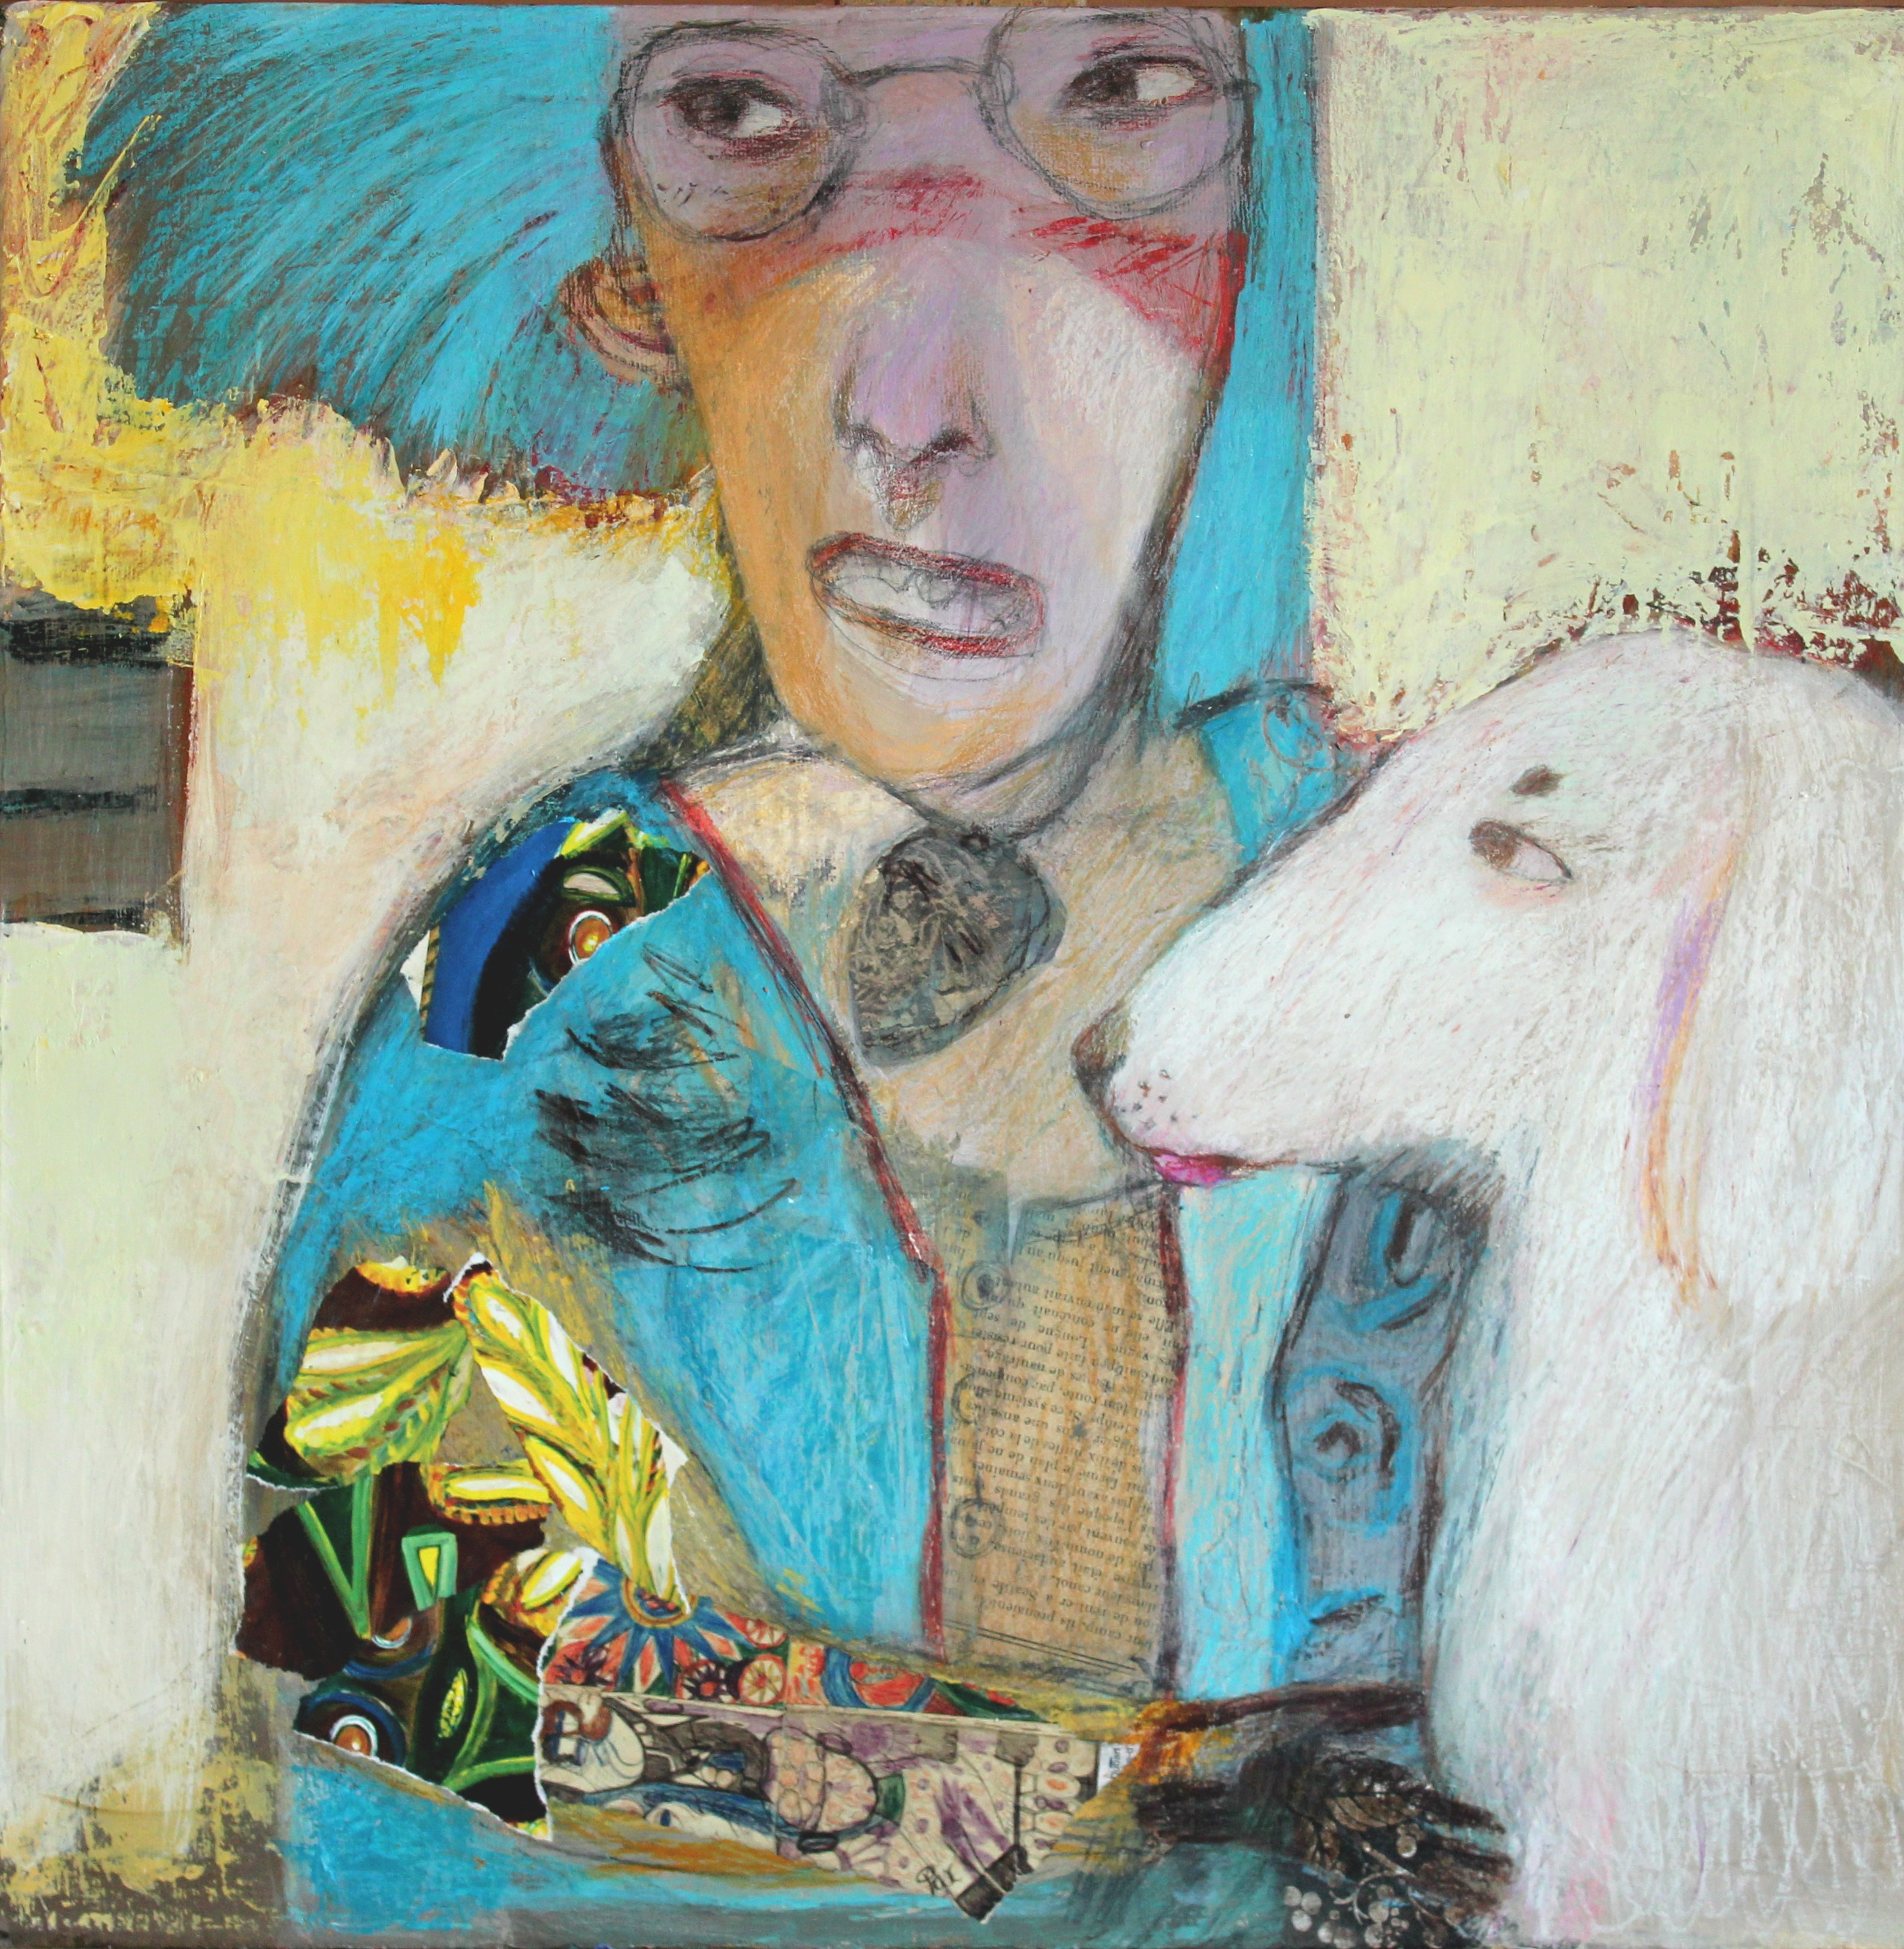 calamity et le chien gentil